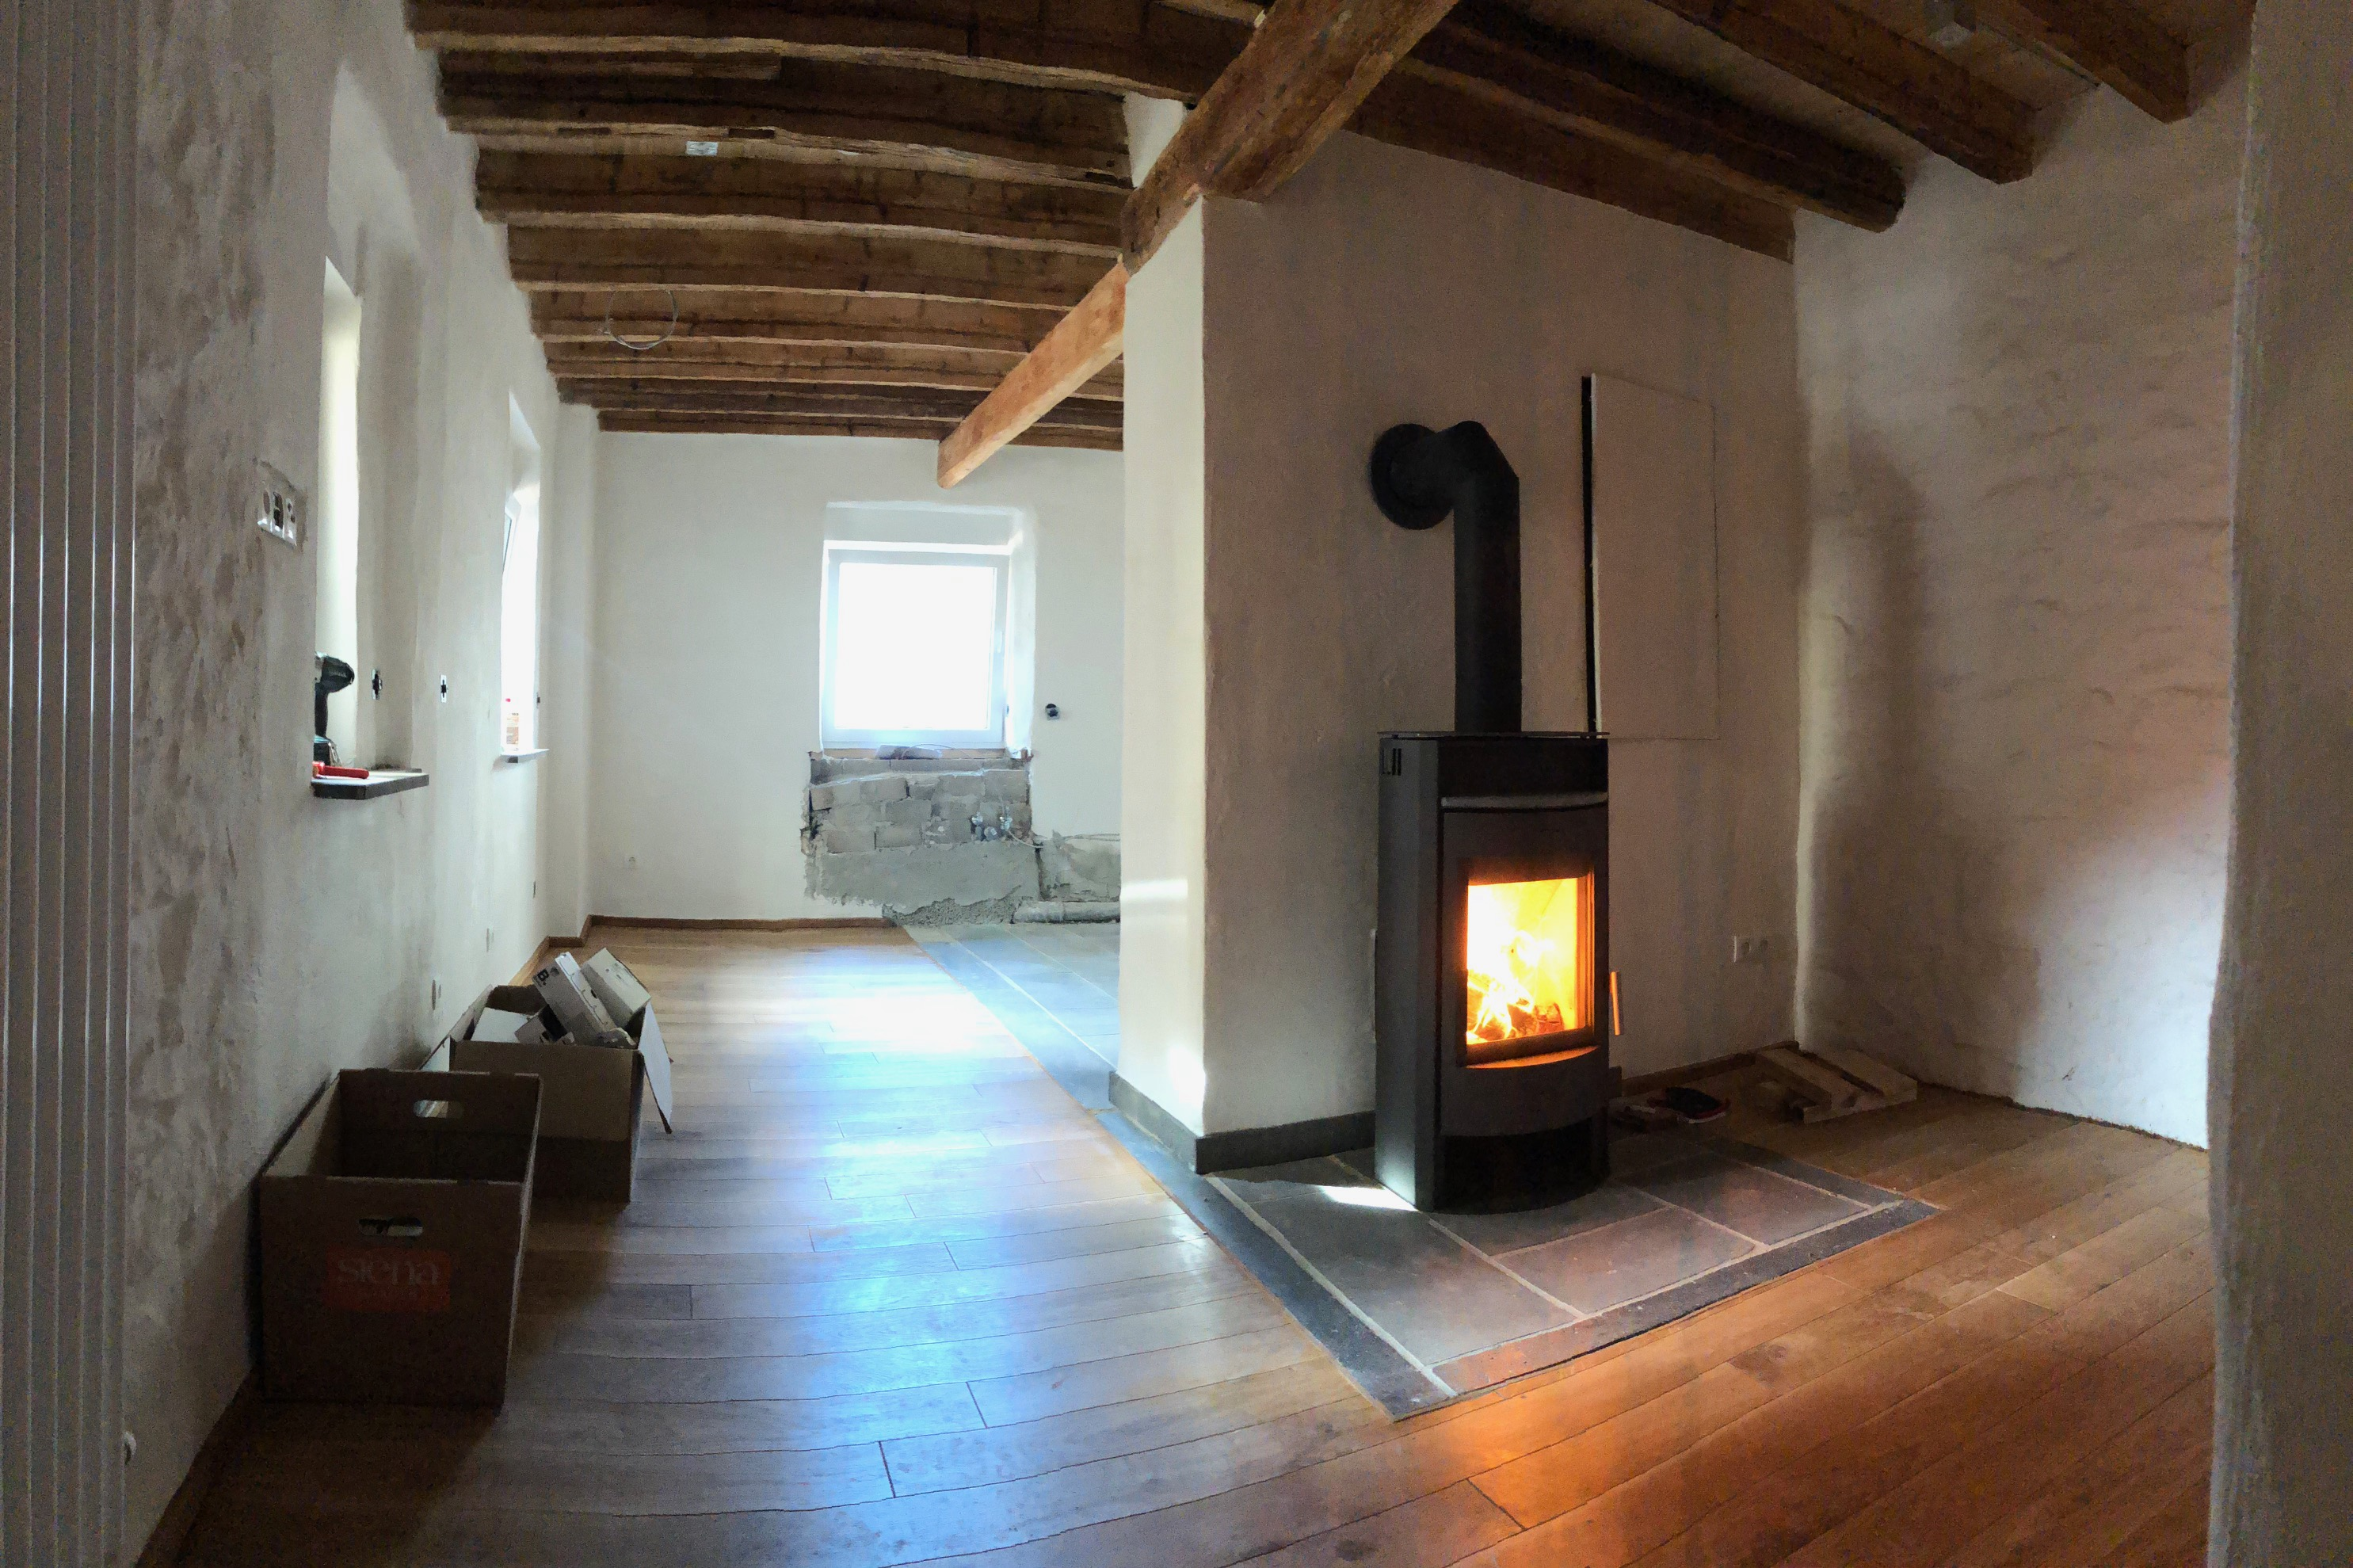 Holzofen Wohnzimmer